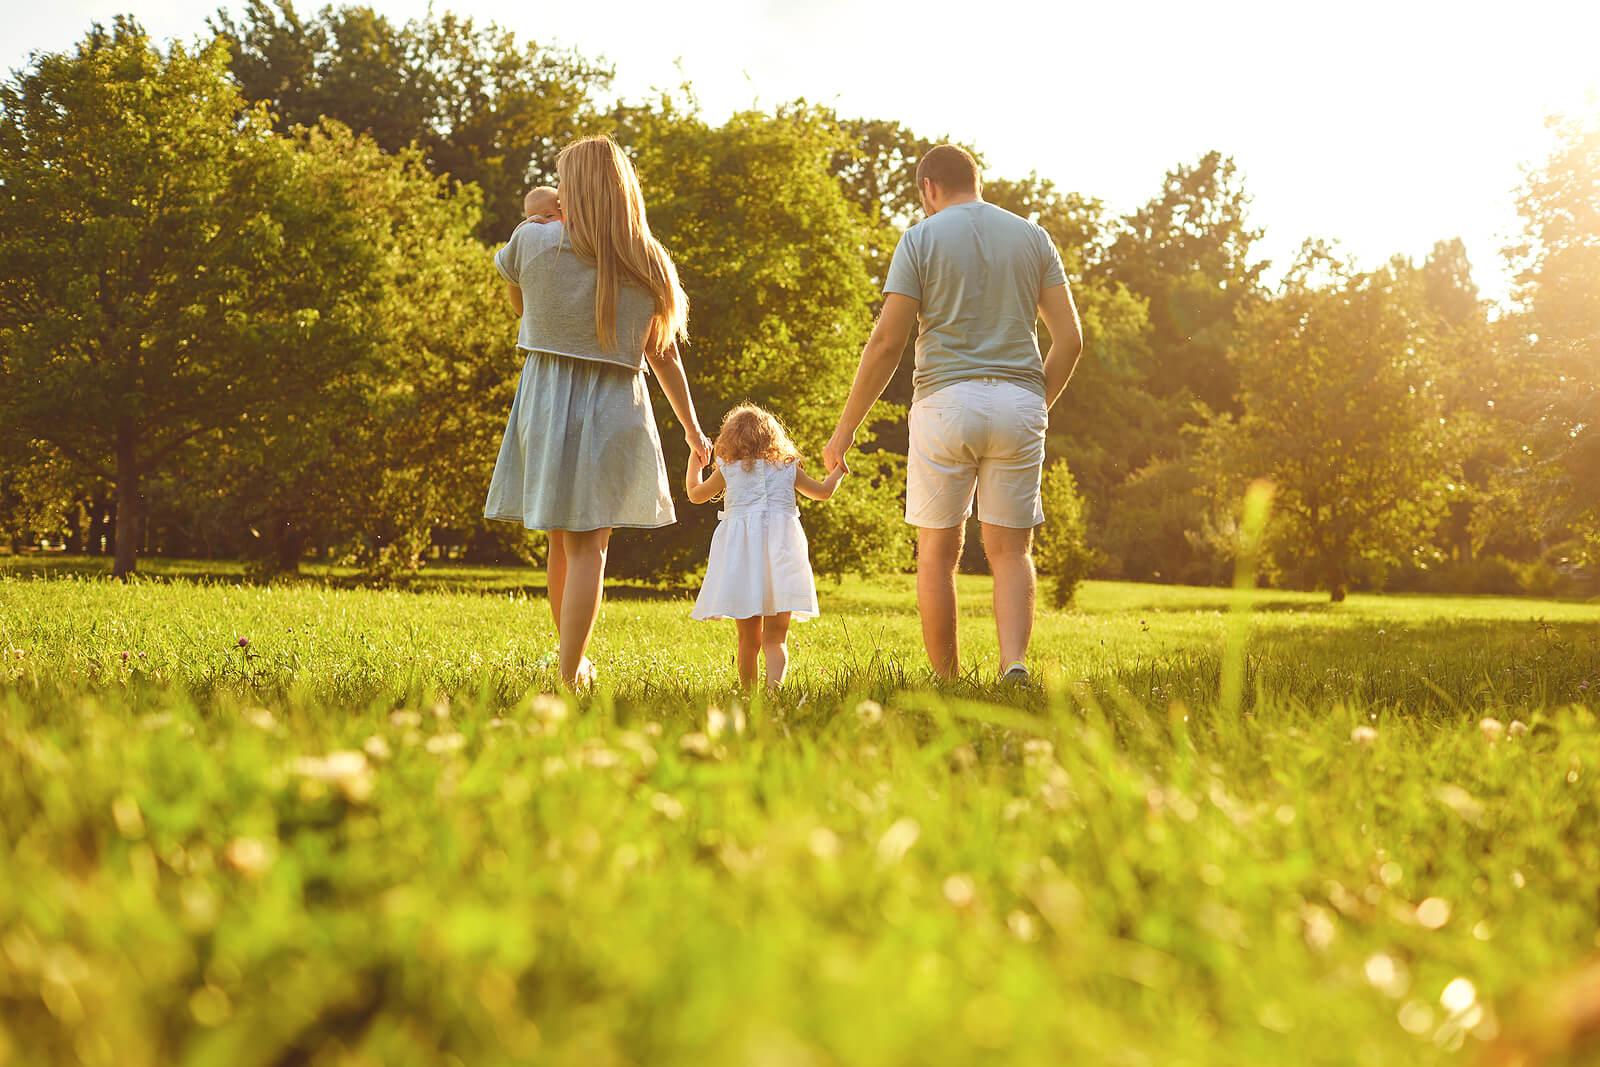 Sortie en famille pour offrir un attachement sécurisant aux enfants.